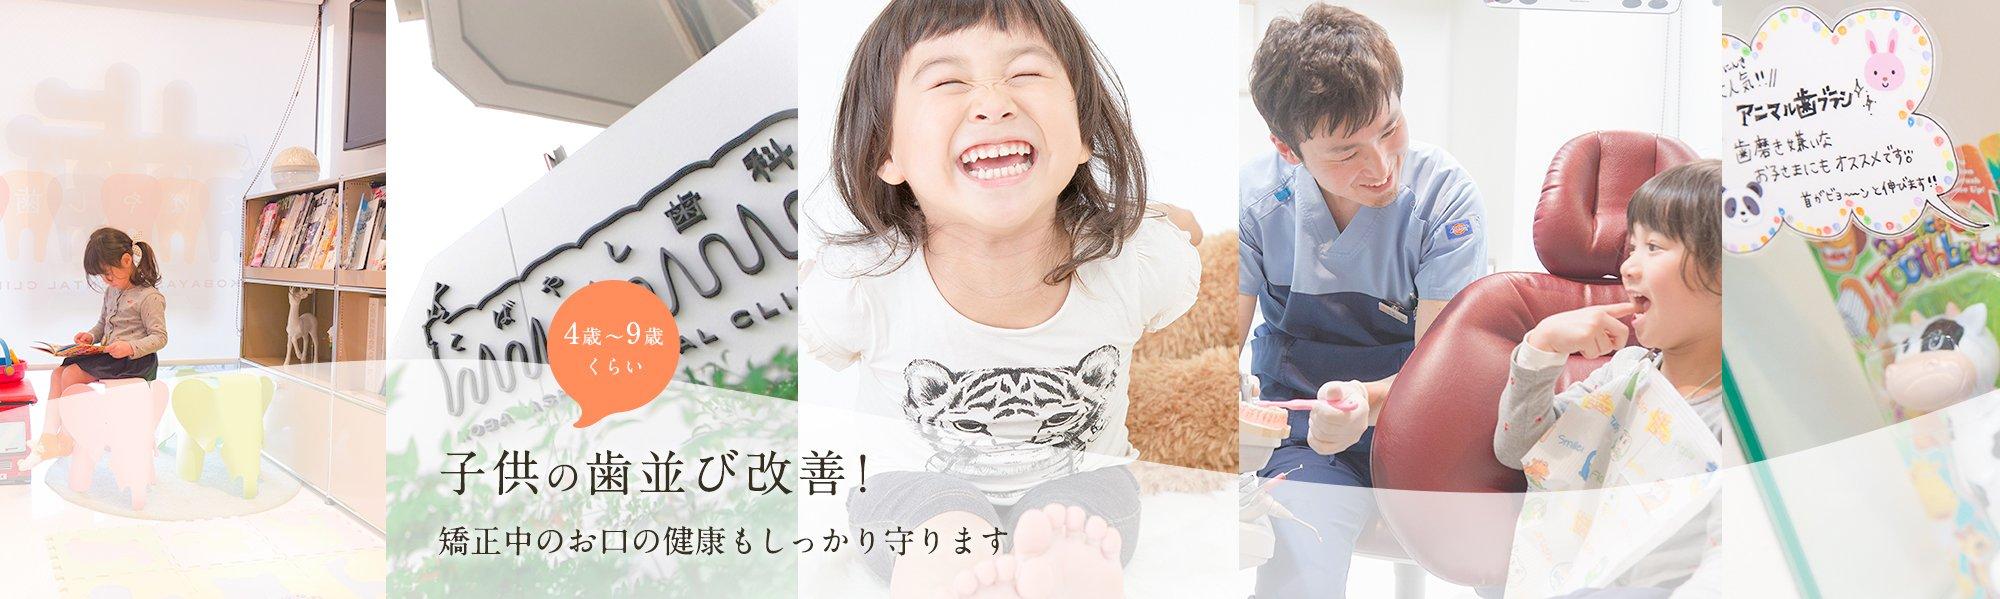 子供の歯並び改善!矯正中のお口の健康もしっかり守ります